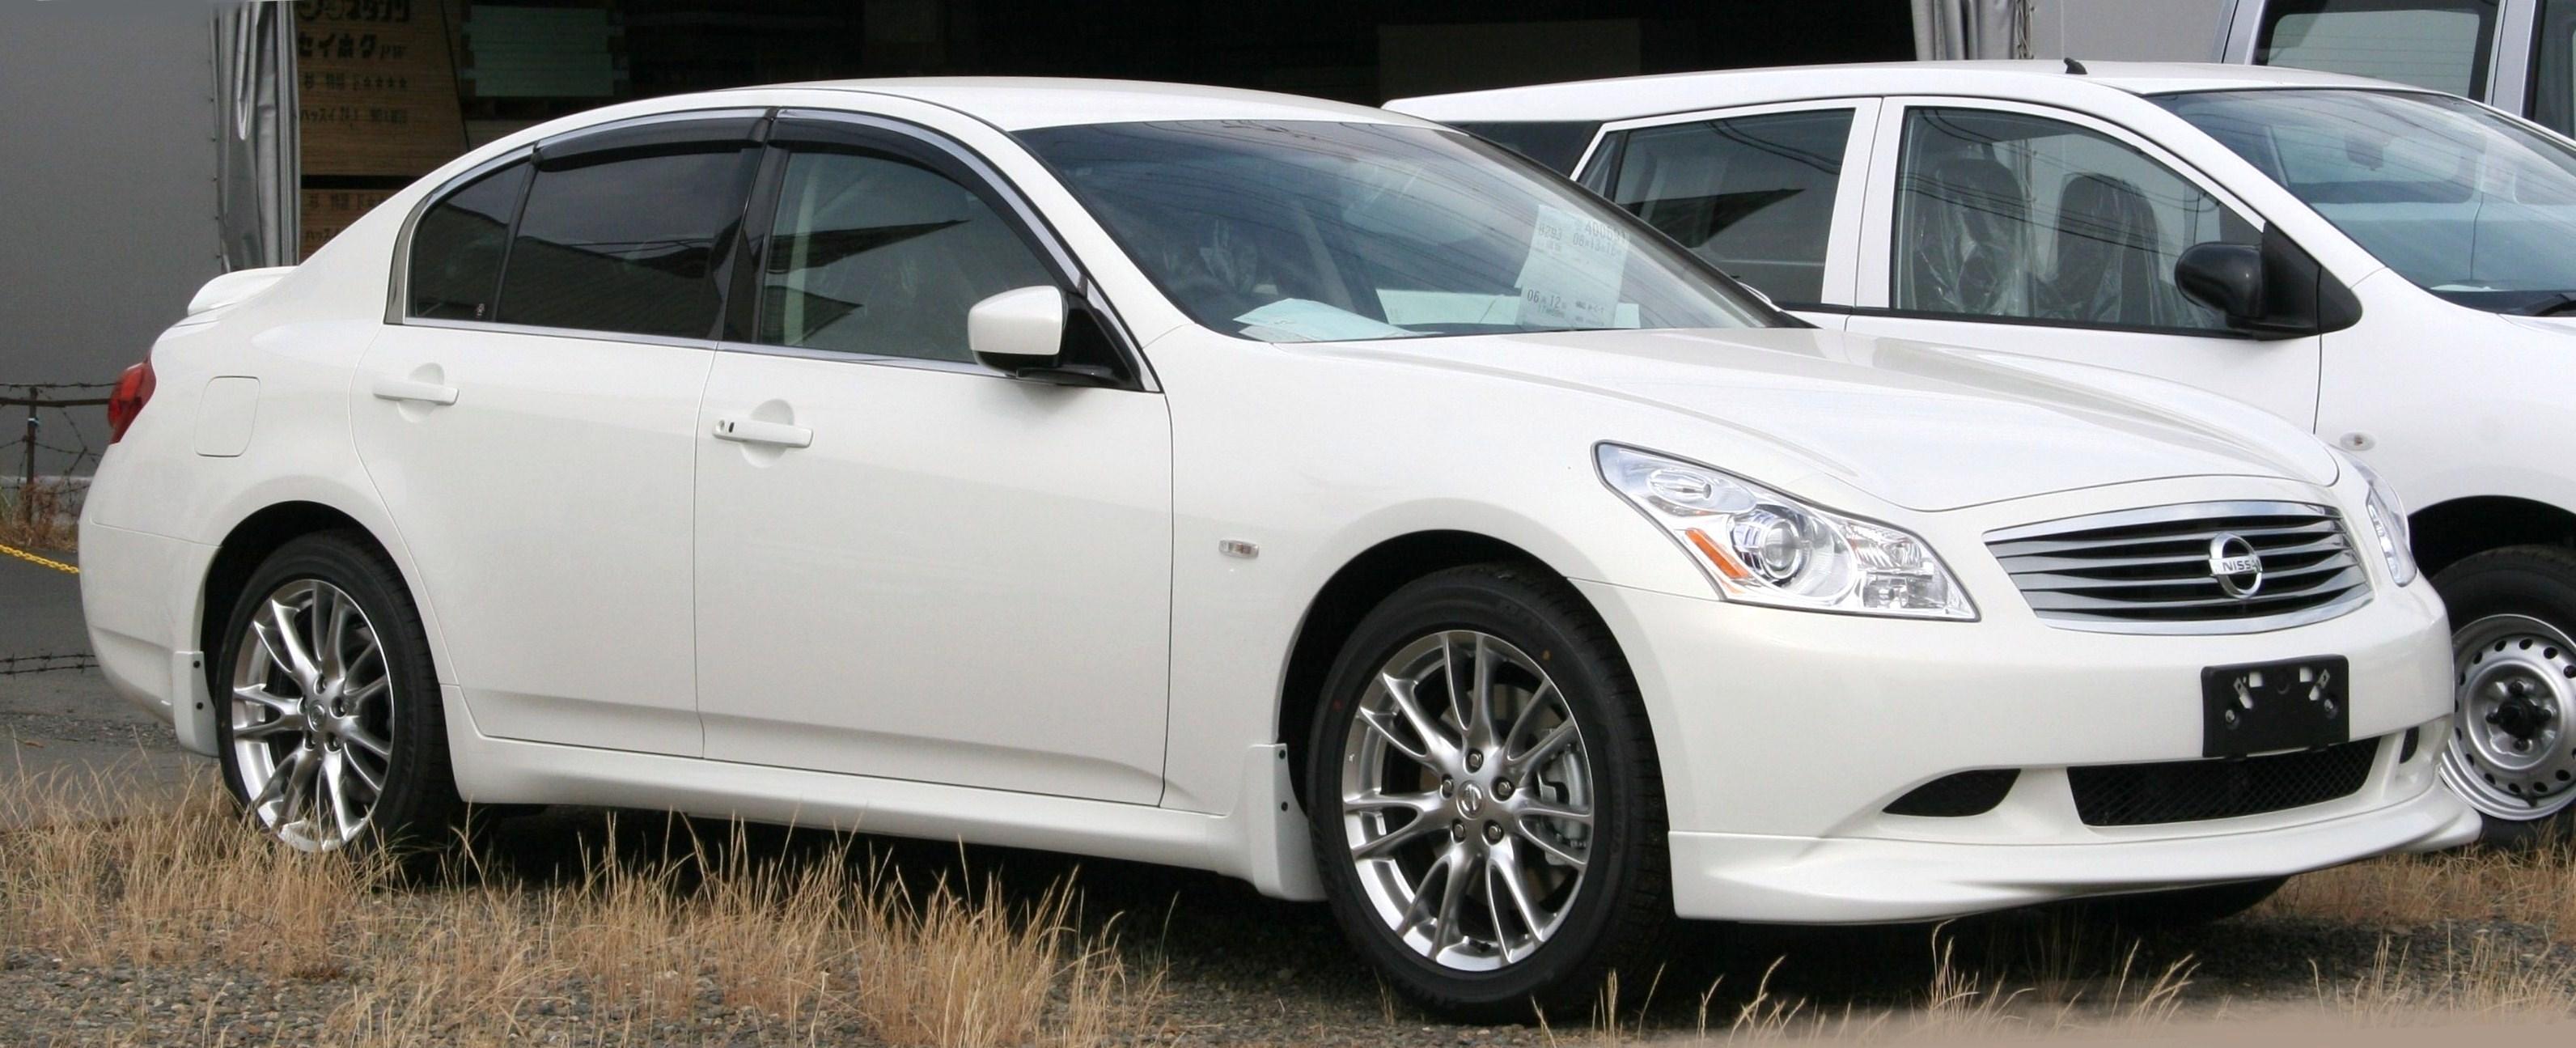 Nissan Skyline XI (V35) 2001 - 2007 Coupe #3